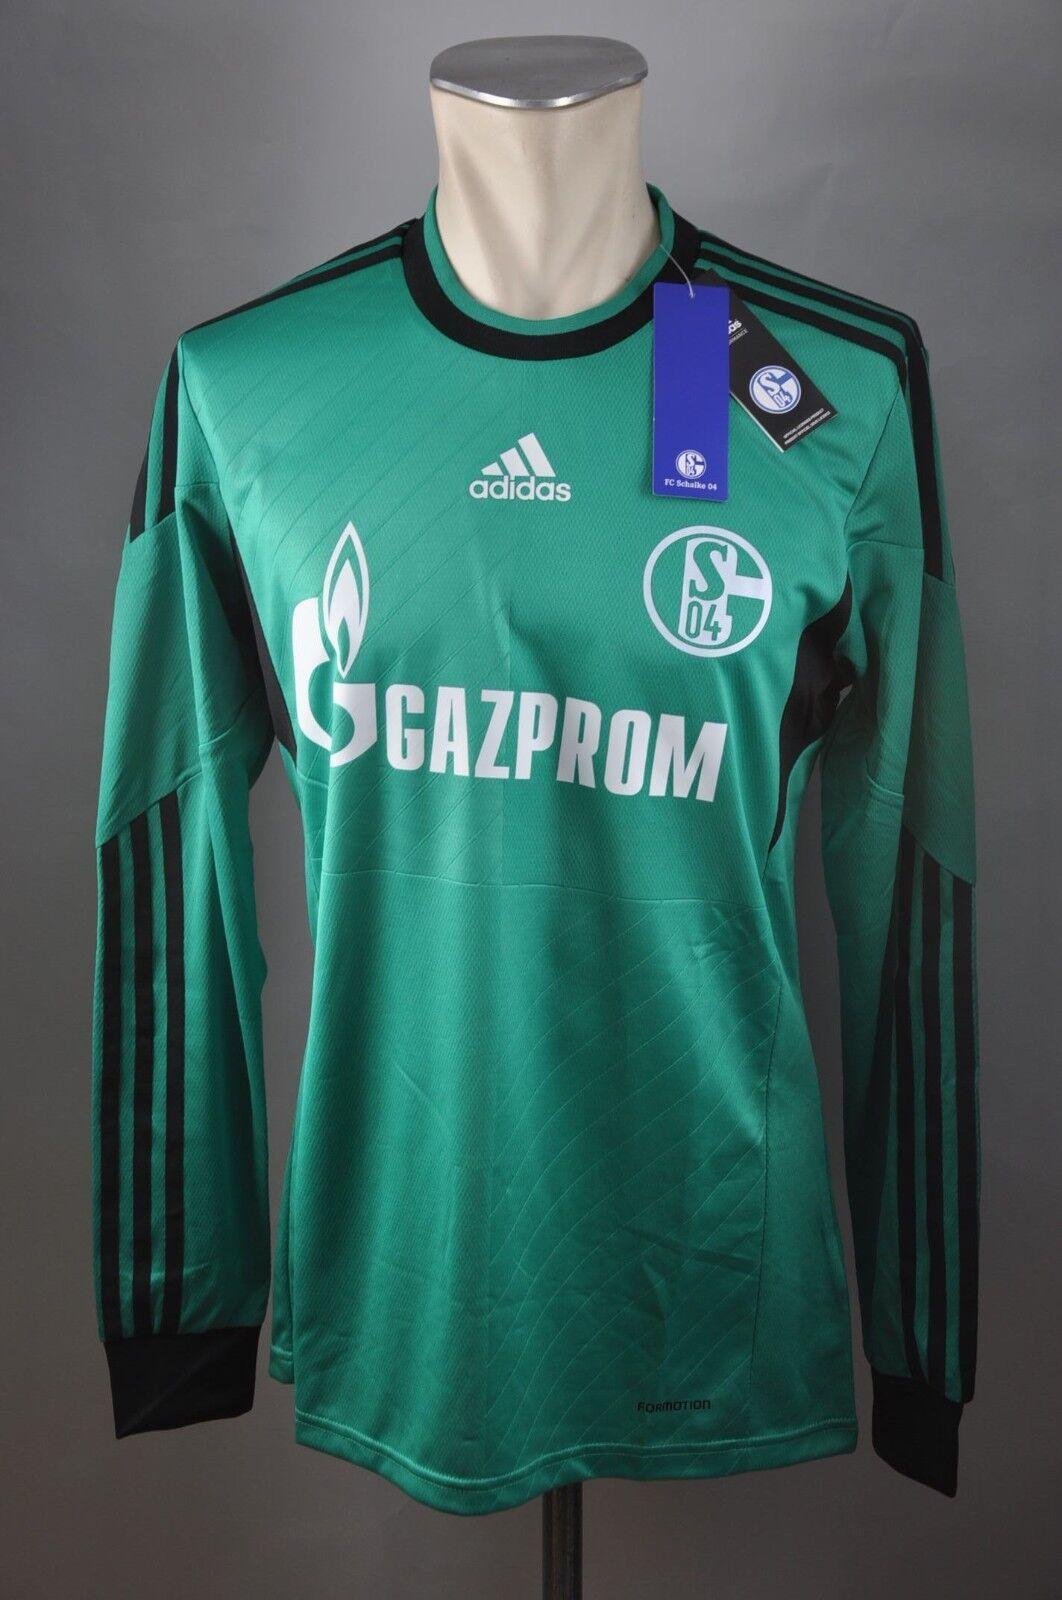 FC Schalke 04 Trikot  7 Meyer Gr. M   L   XL adidas formotion S04 2013-2015 grün    Kostengünstig